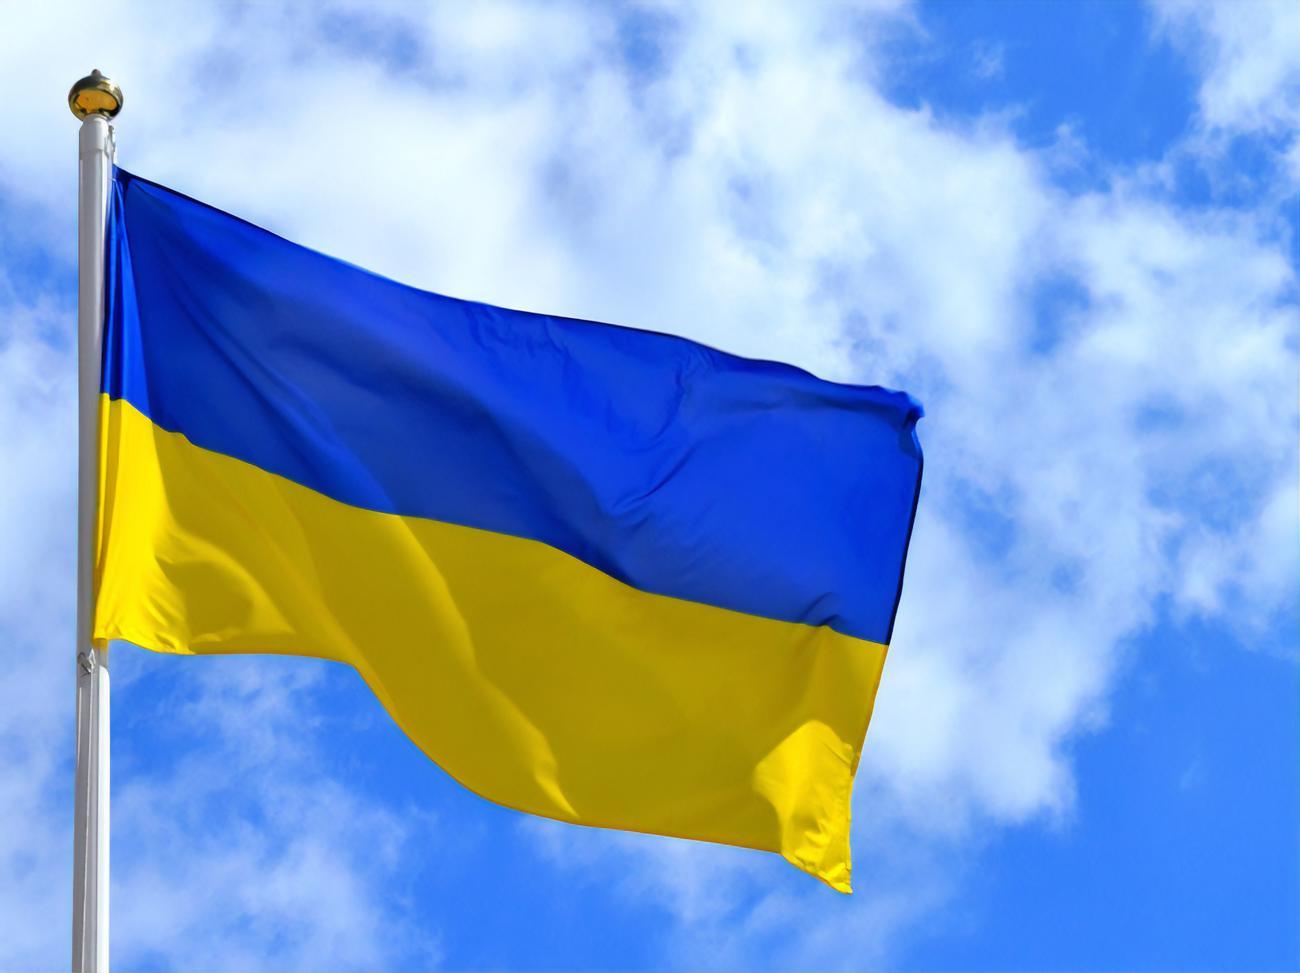 Украинцы назвали ключевые проблемы государства